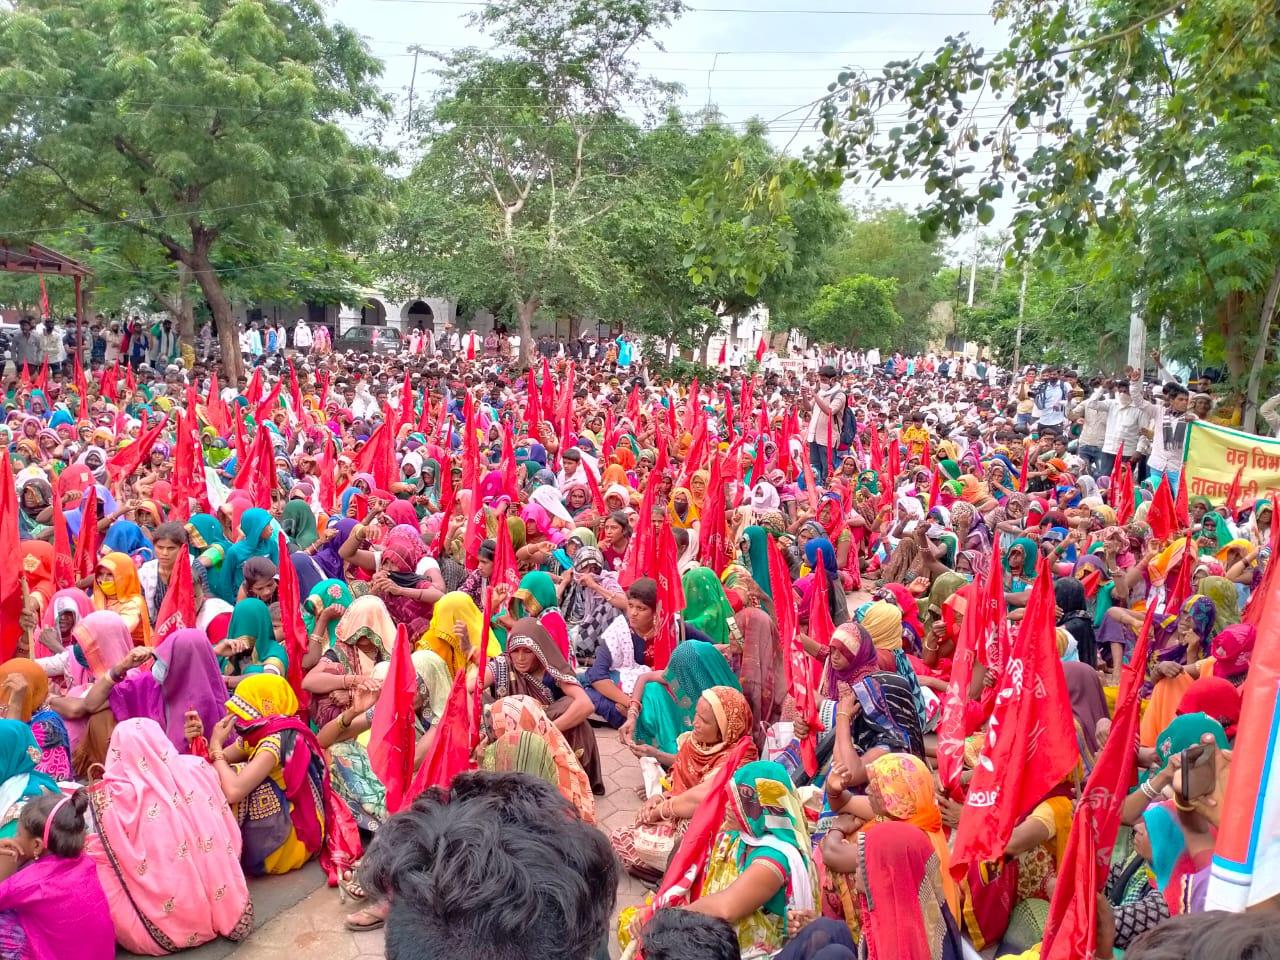 निमाड़ अंचल के 3 हजार आदिवासियों ने कलेक्ट्रेट घेरा; कहा - वन अधिकार दावों पर फैसला नहीं, बेबस लोगों को पीटा और सामान लूट ले गए, जमीन से बेदखल किया खंडवा,Khandwa - Dainik Bhaskar